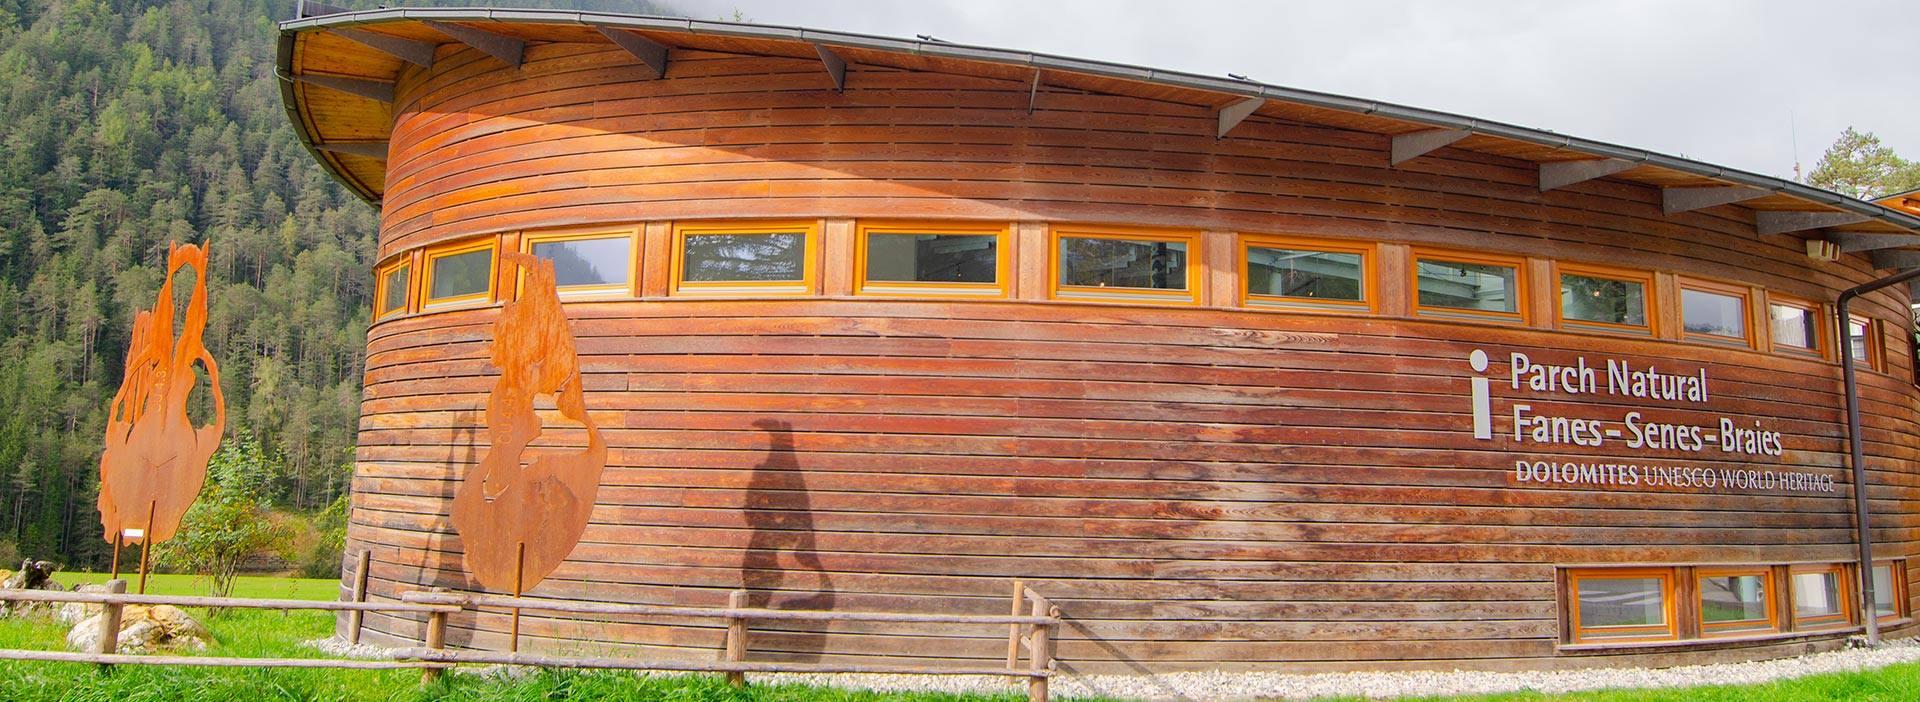 Centro visite del Parco Naturale Fanes-Senes-Braies